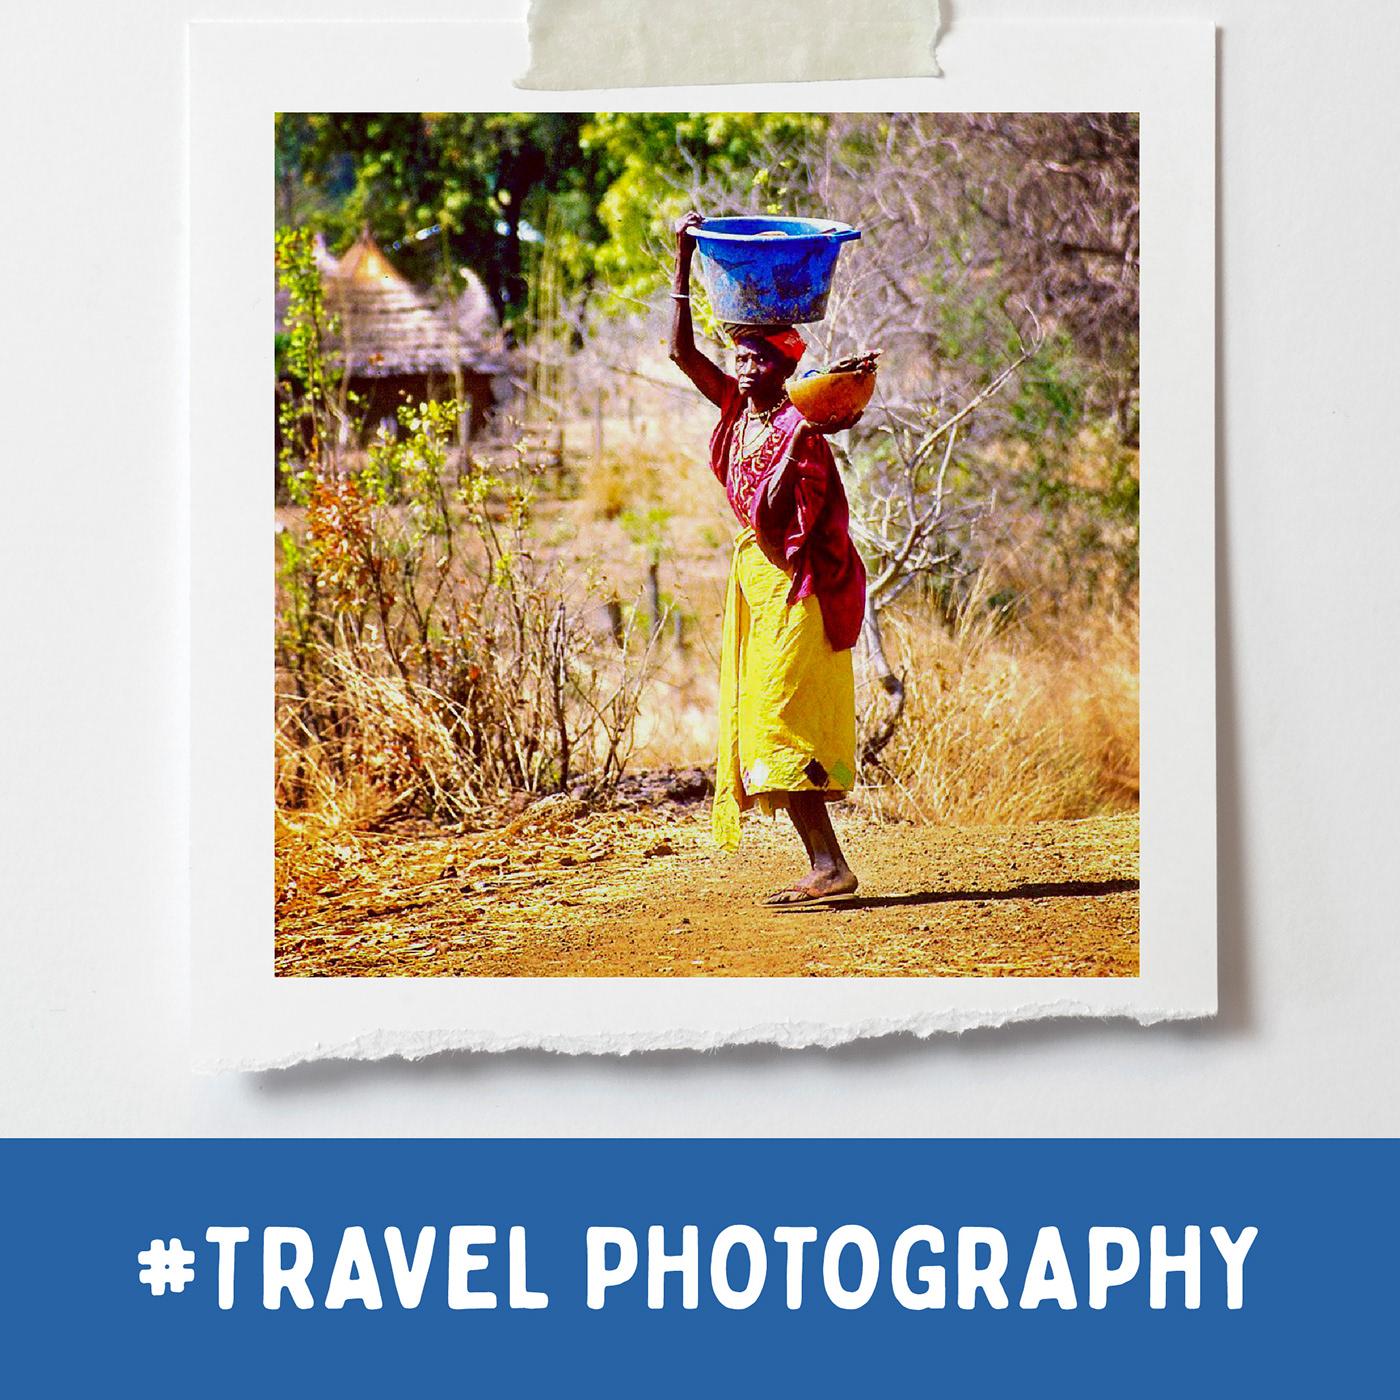 Travel Photography / Photographer: ©Tomás Sastre (Brassens Studio)